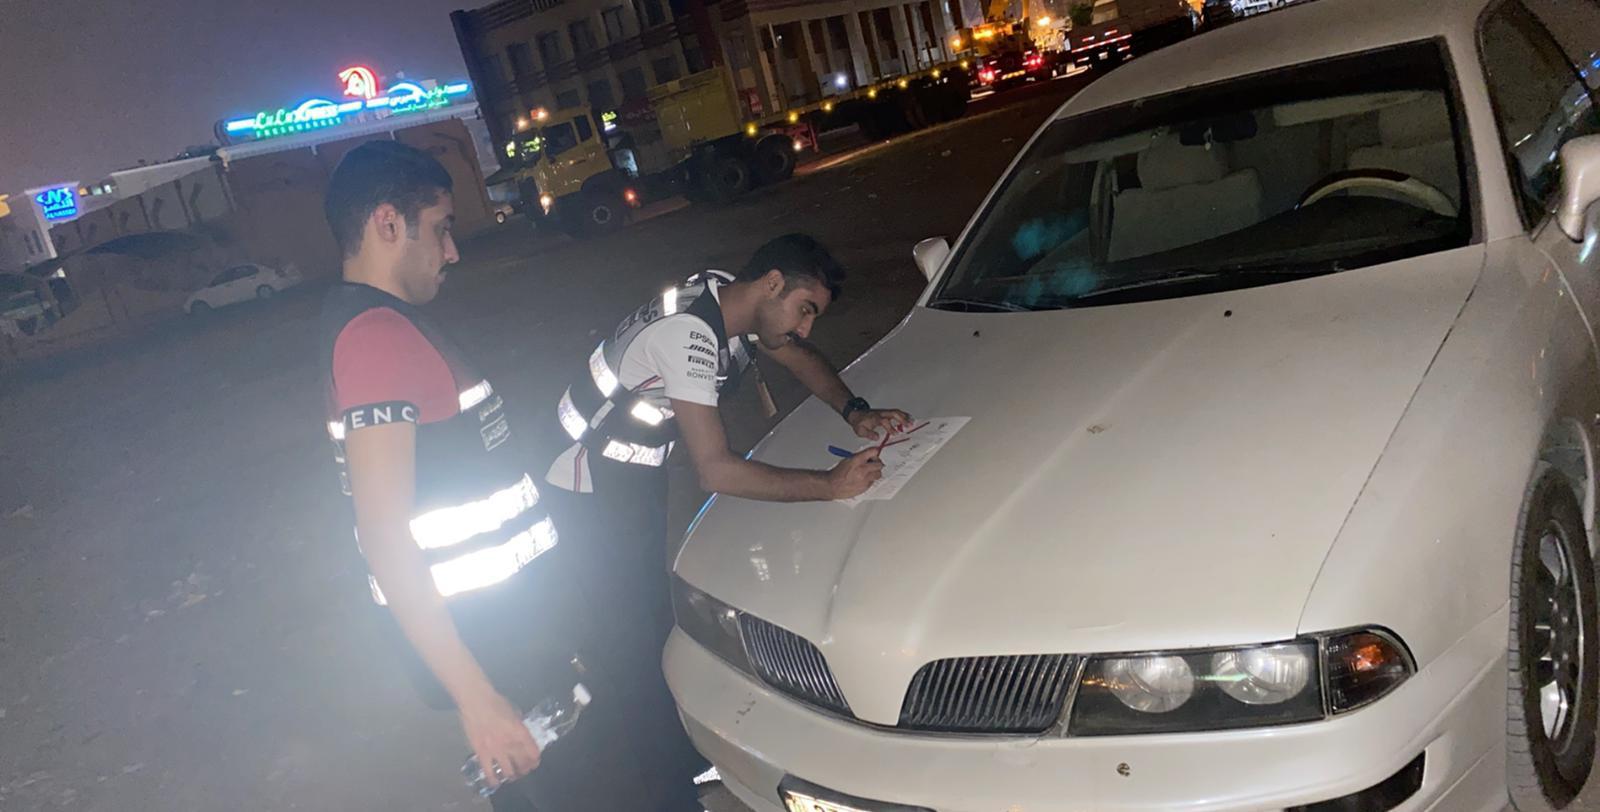 «بلدية الفروانية»: رفع 28 سيارة ومعدة ثقيلة من منطقة تجارية بخيطان